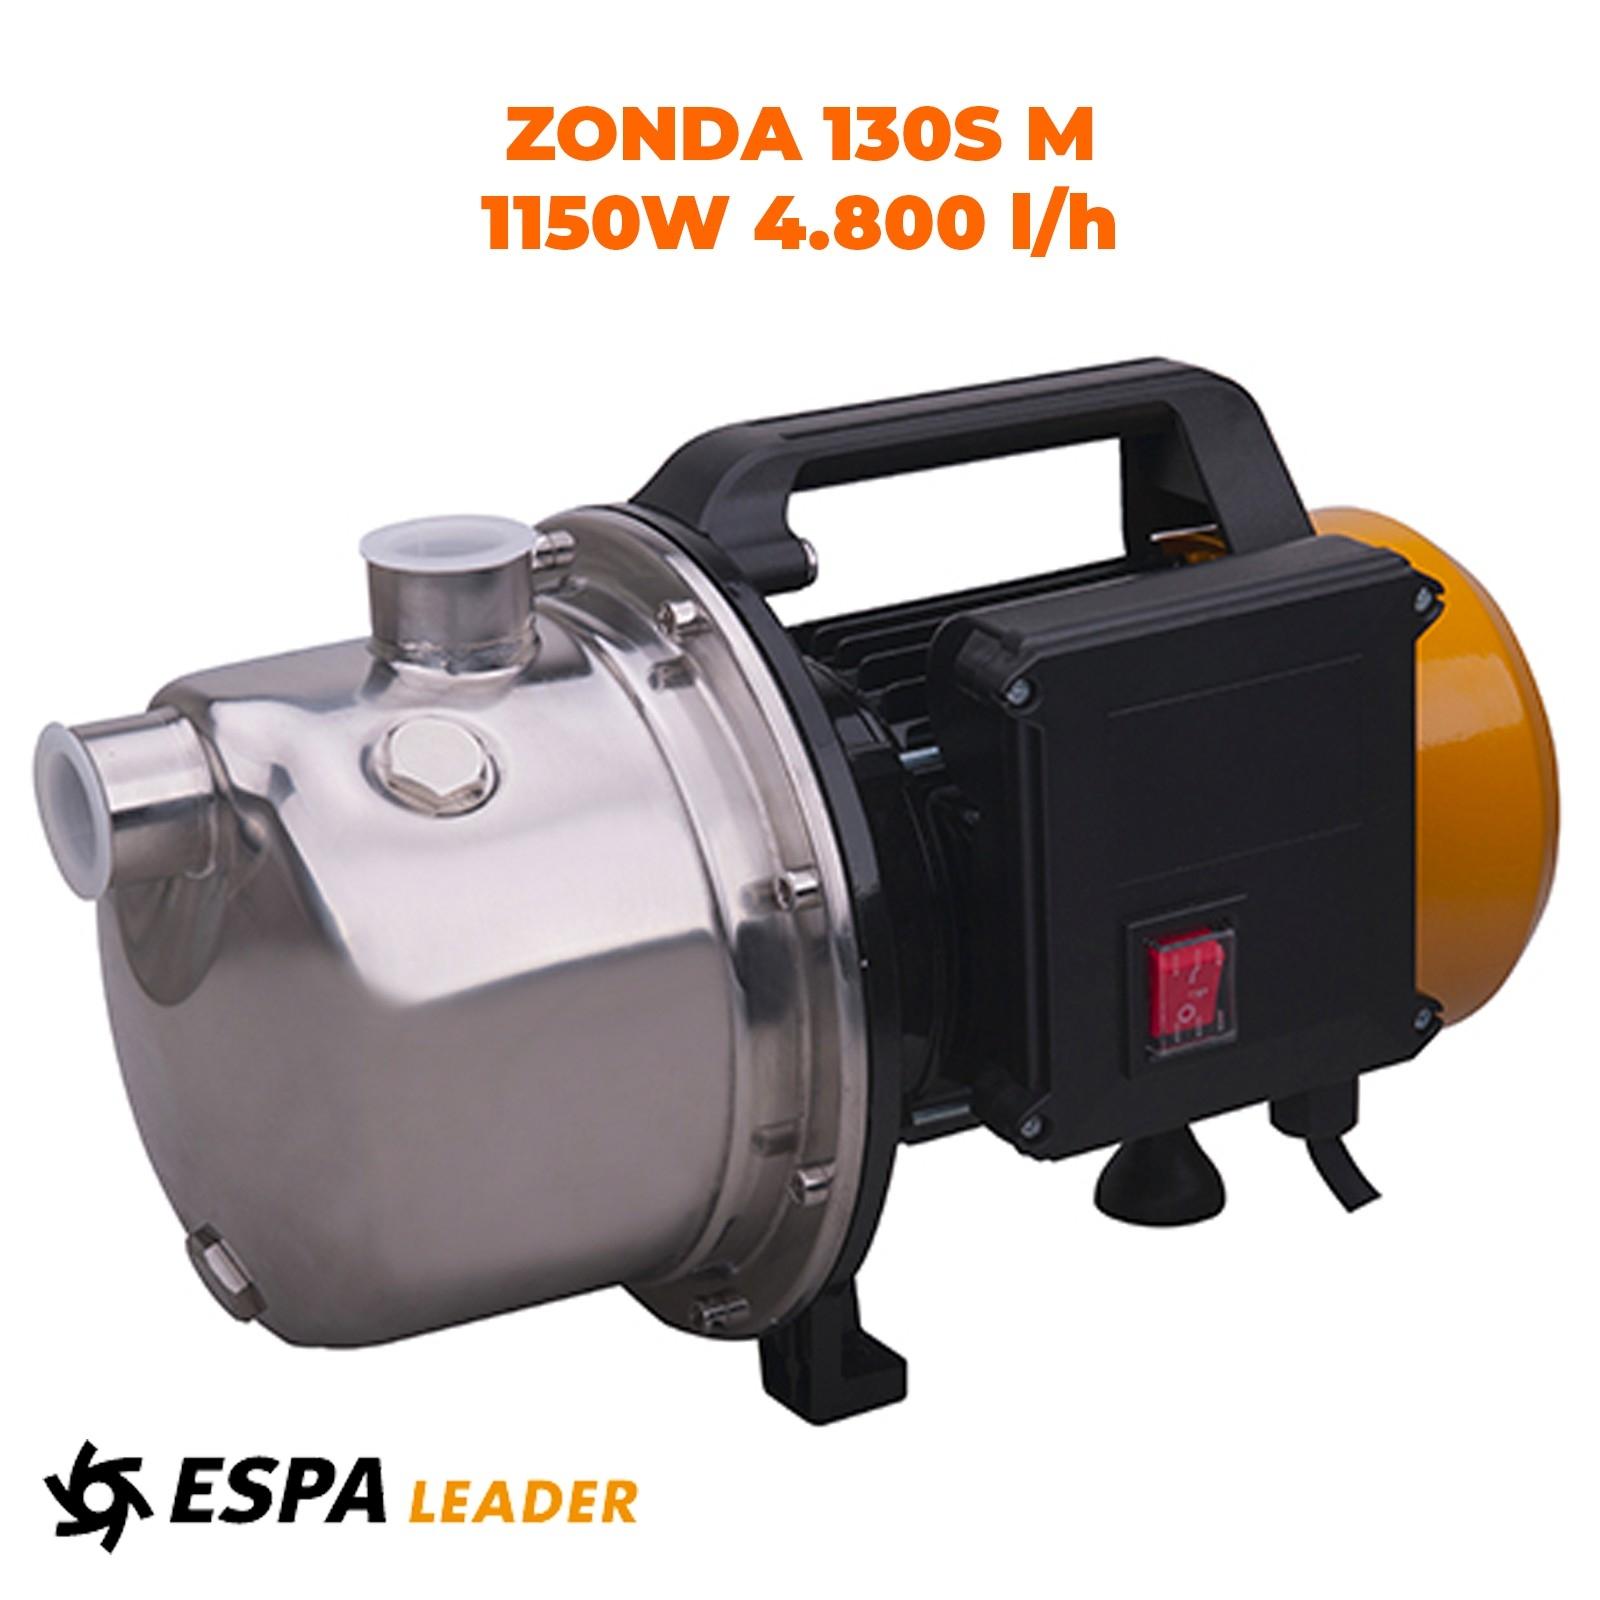 ESPA LEADER POMPE A EAU DE SURFACE ZONDA 130S M